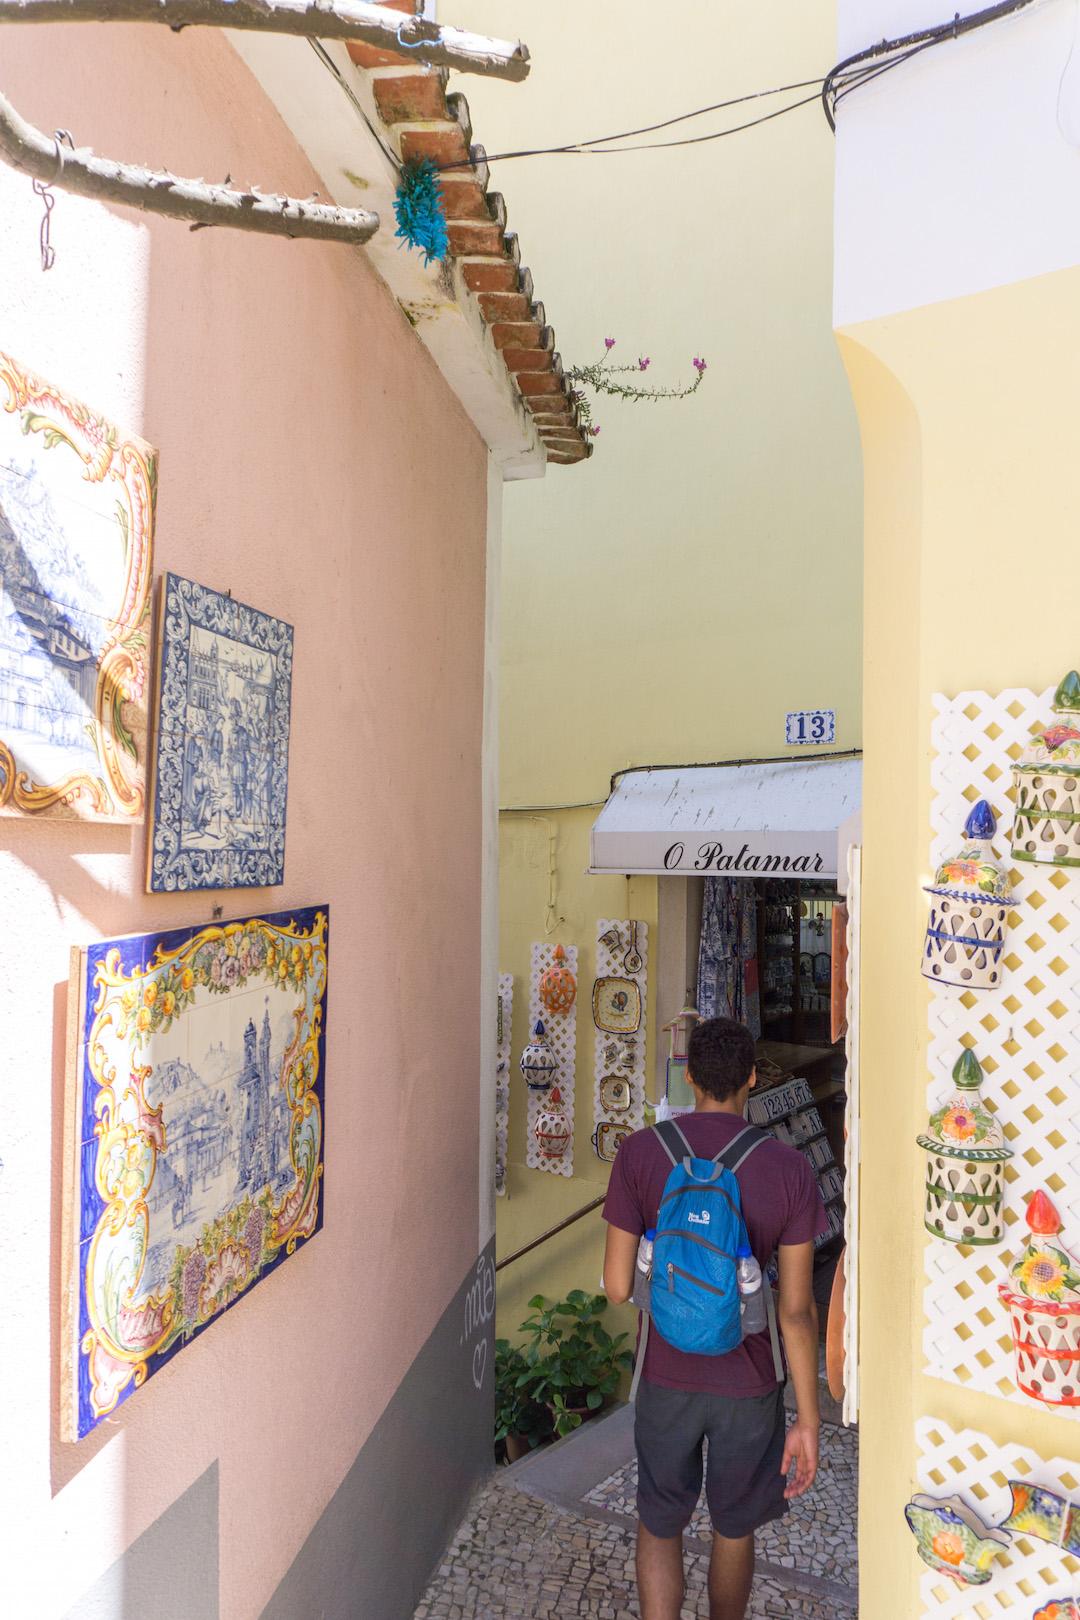 A street in Sintra